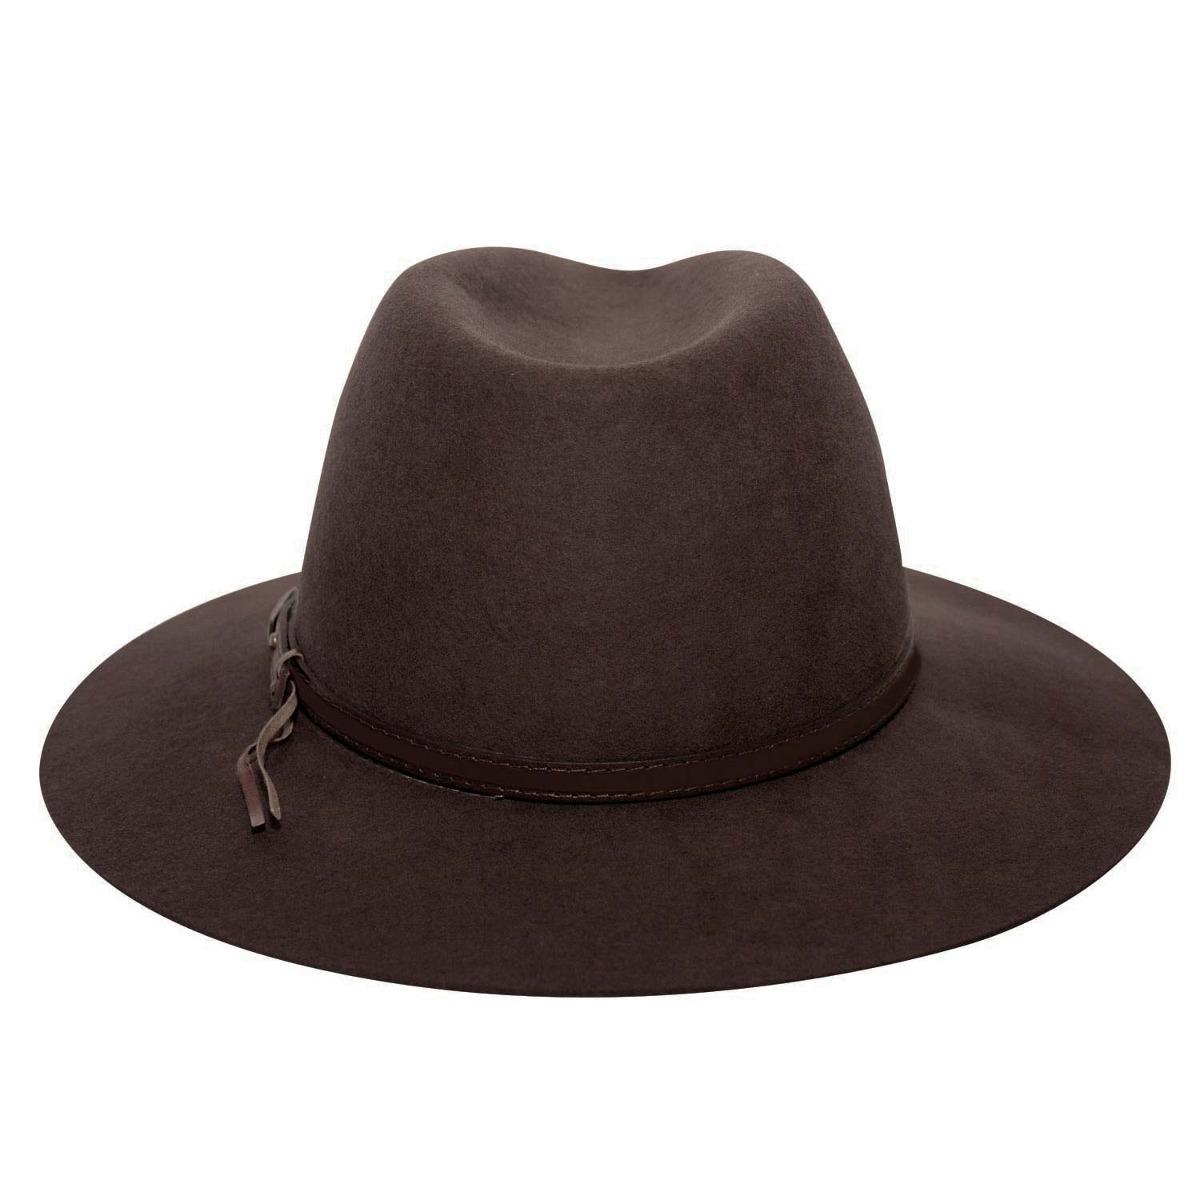 chapéu outback explorer -tabaco-tamanho 56. Carregando zoom. 2765282c872